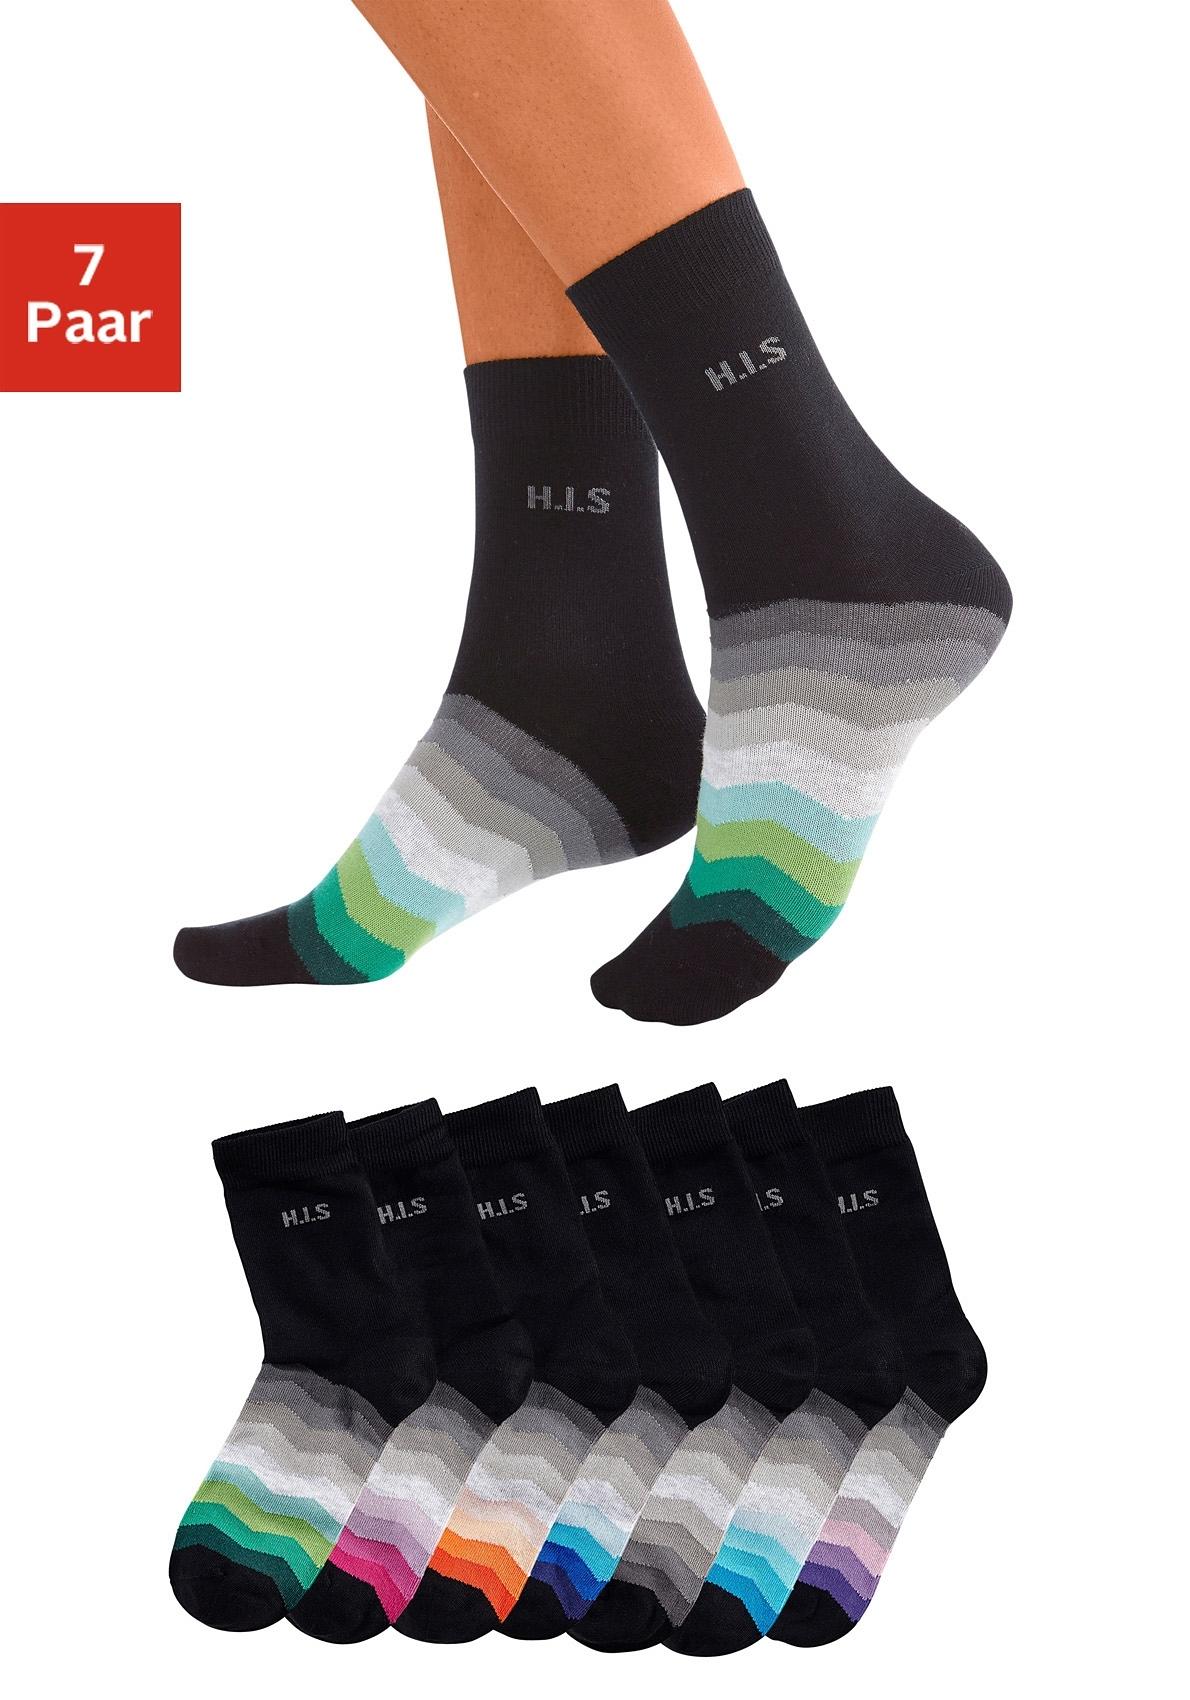 Op zoek naar een H.I.S Sokken 7 paar? Koop online bij Lascana